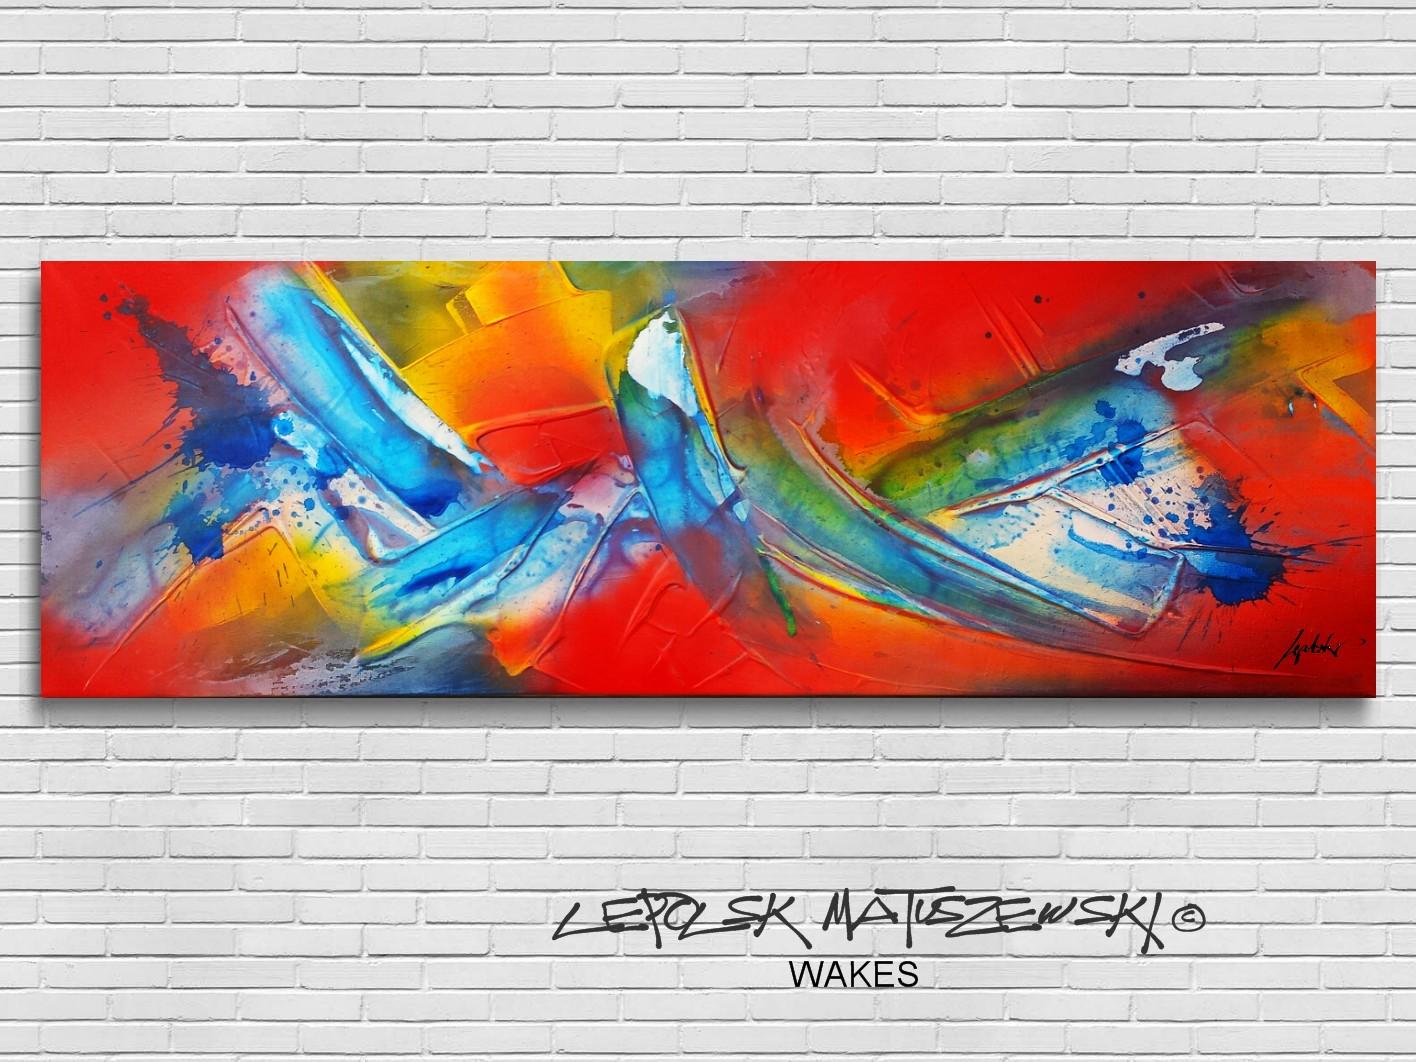 WAKES lepolsk 2016 abstract art graffiti.jpg